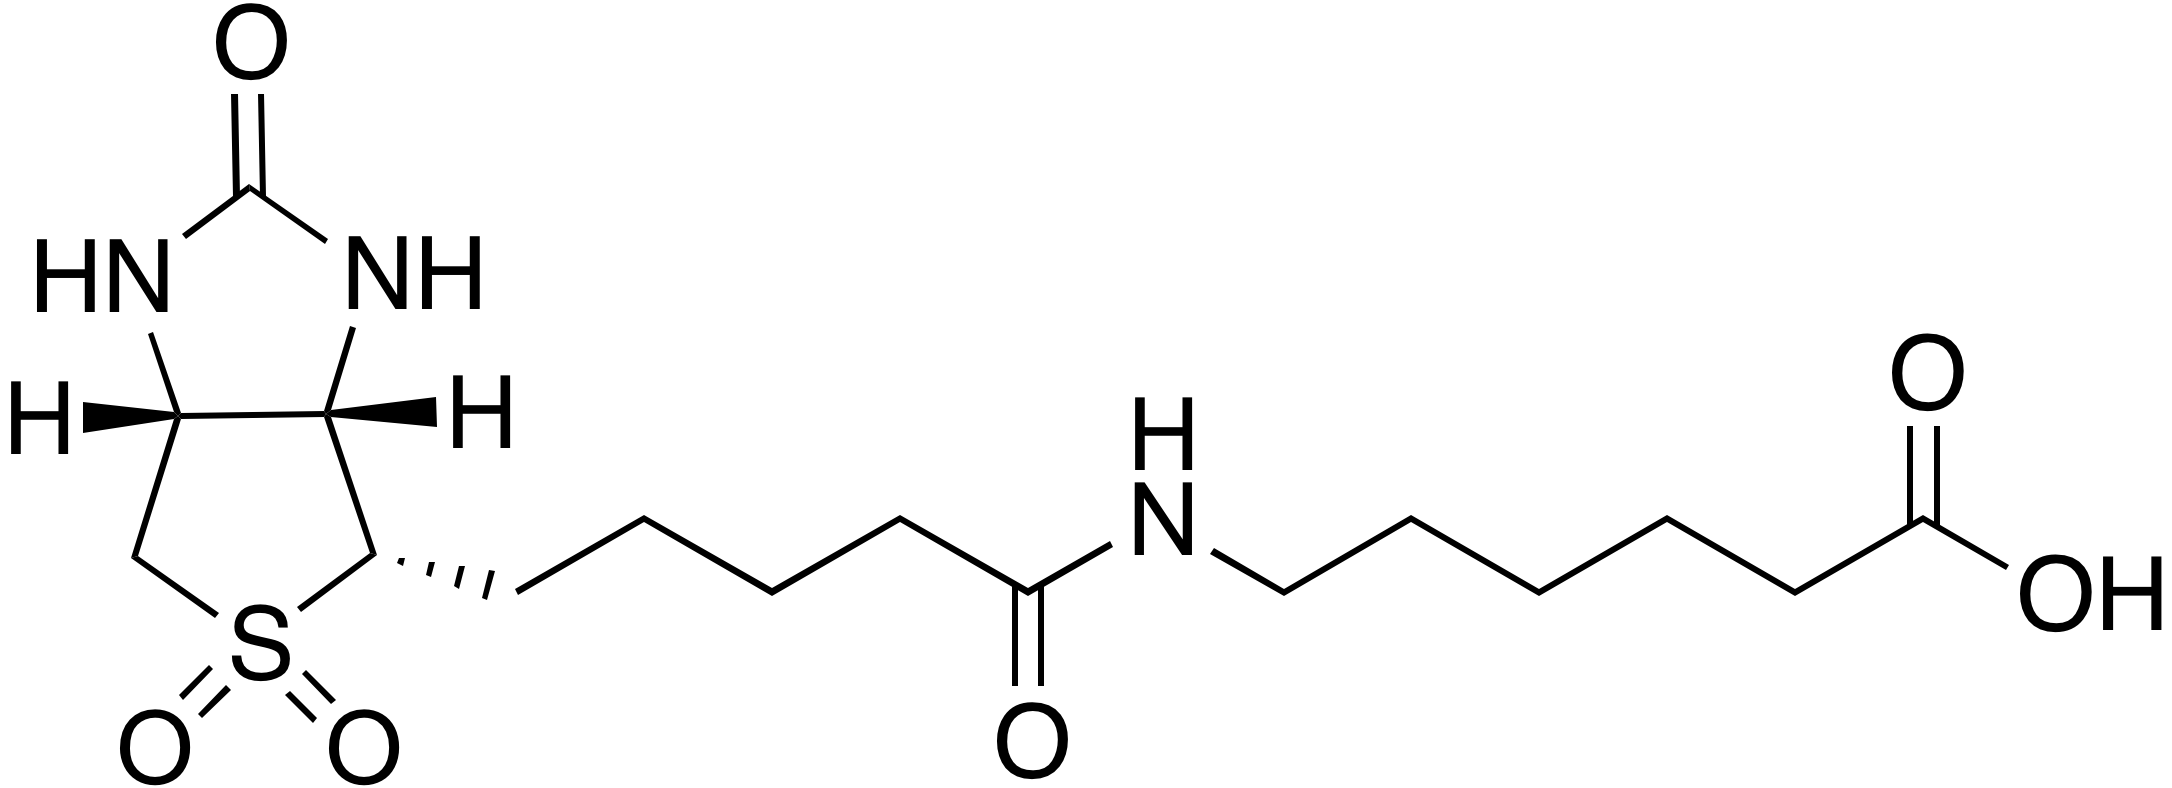 Biotin sulfone 6-aminohexanoic acid